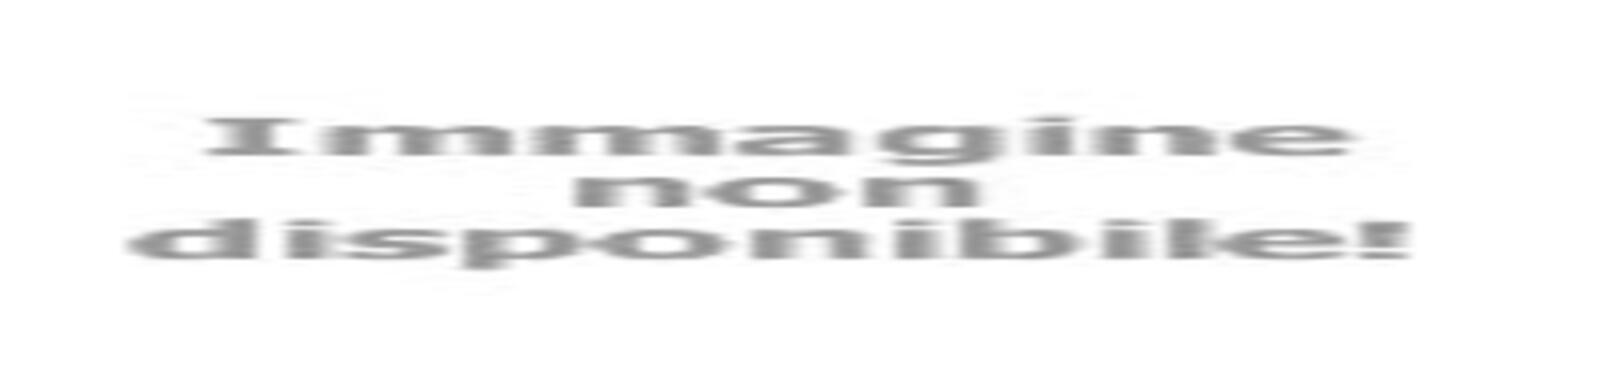 petronianaviaggi it pellegrinaggio-a-l-o-r-e-t-o-e-al-santuario-della-santa-casa-in-occasione-del-giubileo-lauretano-20192020-v266 002